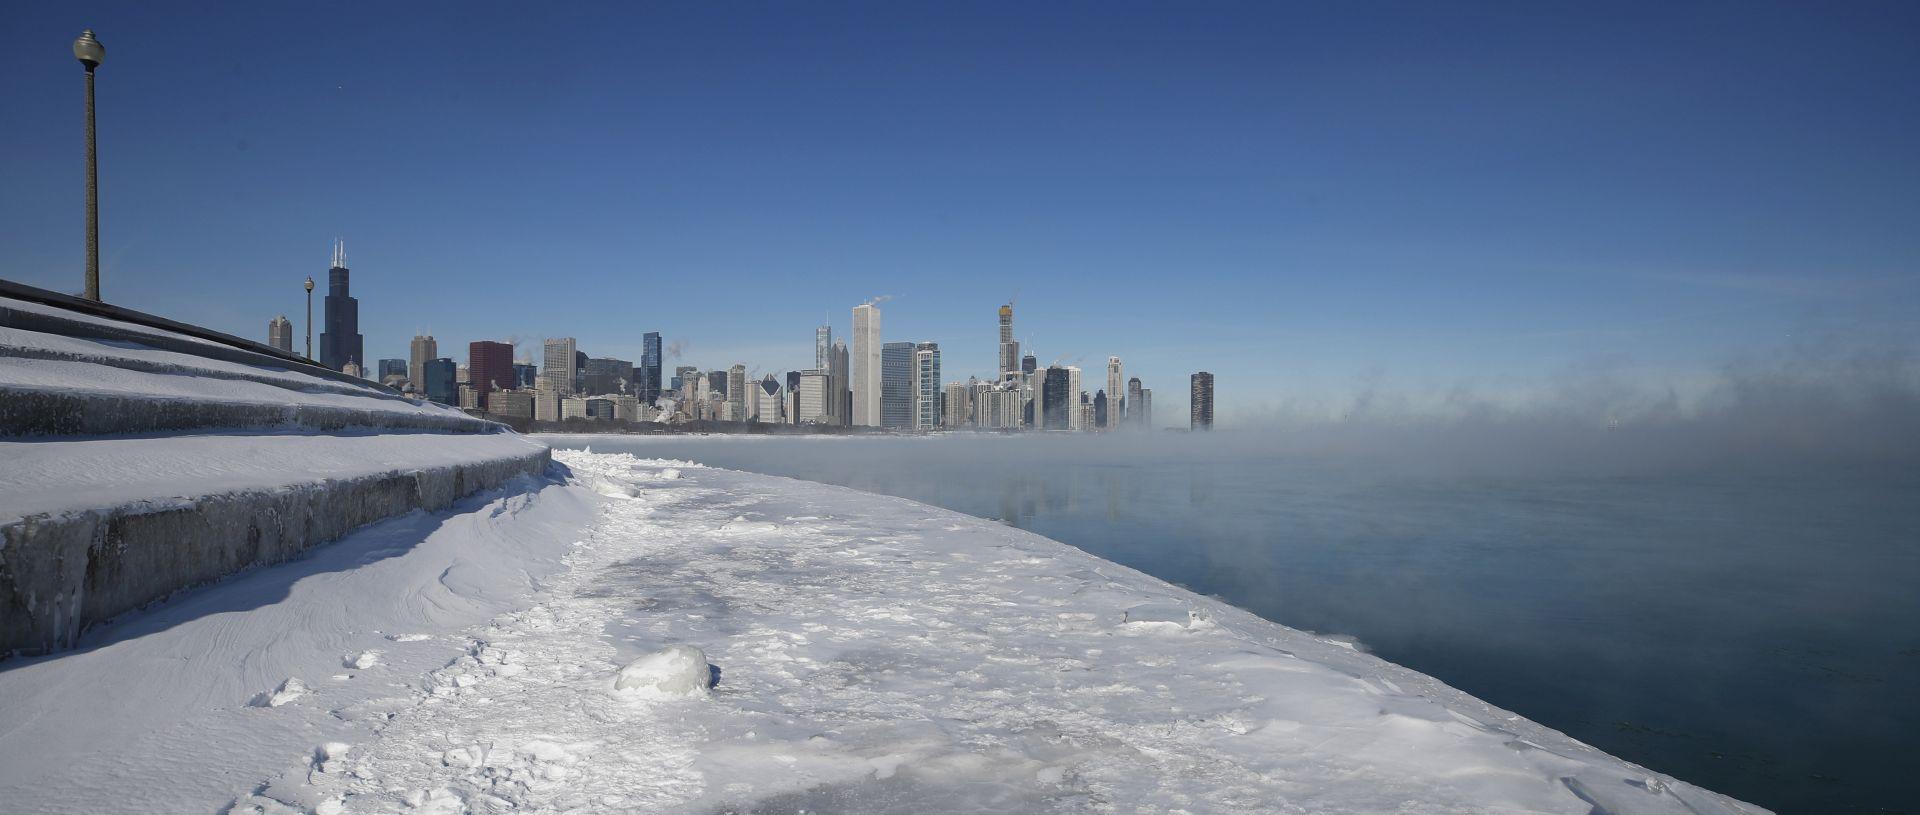 Siječanj u Australiji najtopliji ikad, u SAD-u hladnoća ubila 21 osobu